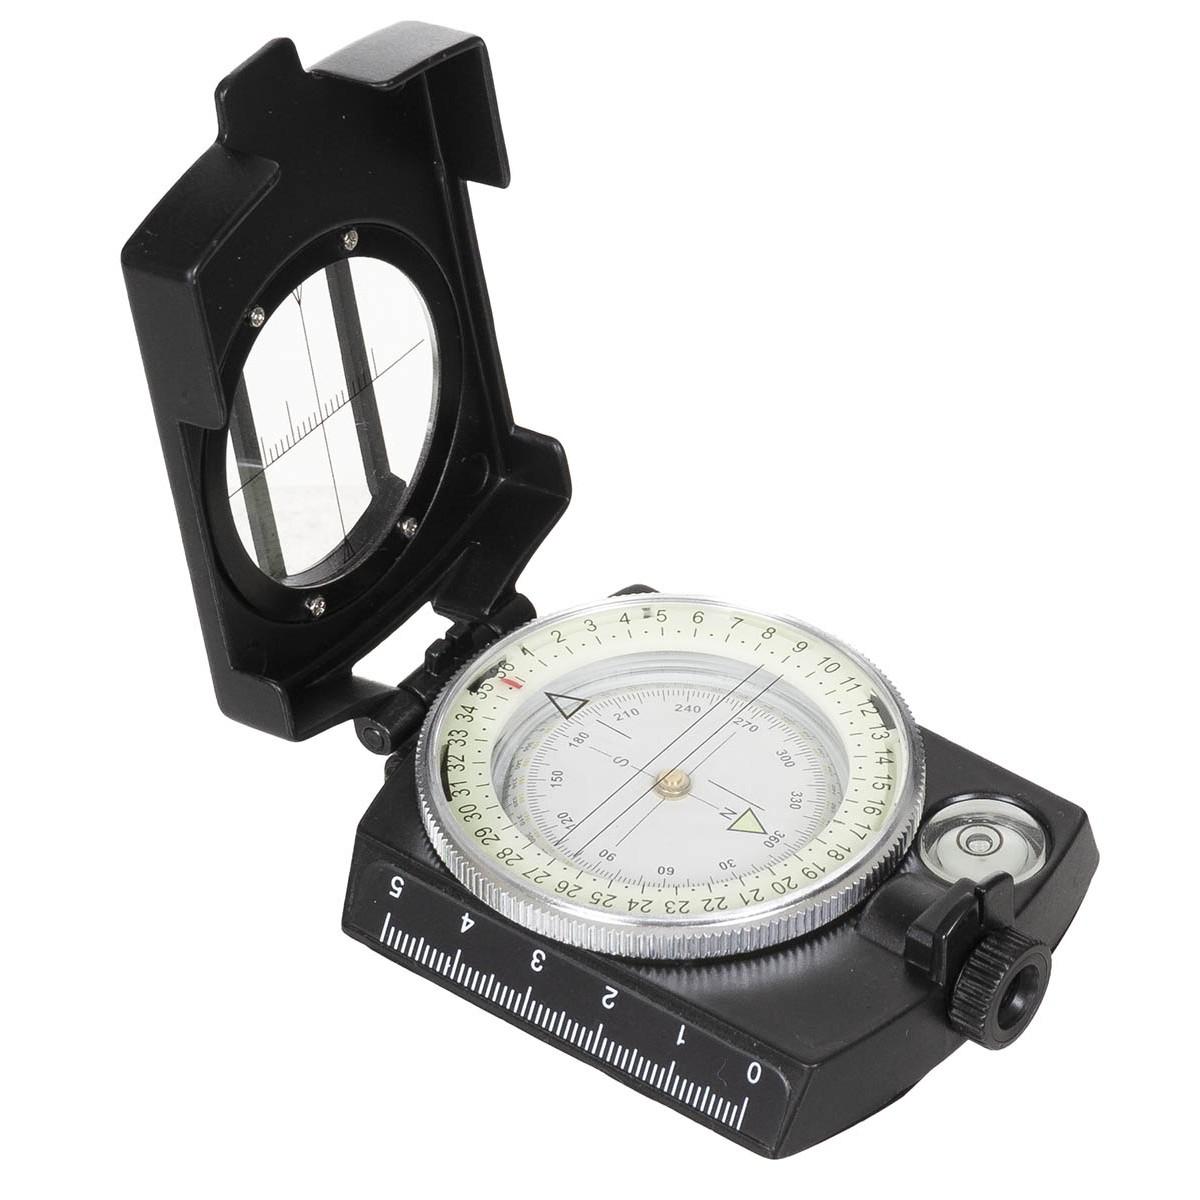 Kompas Precision